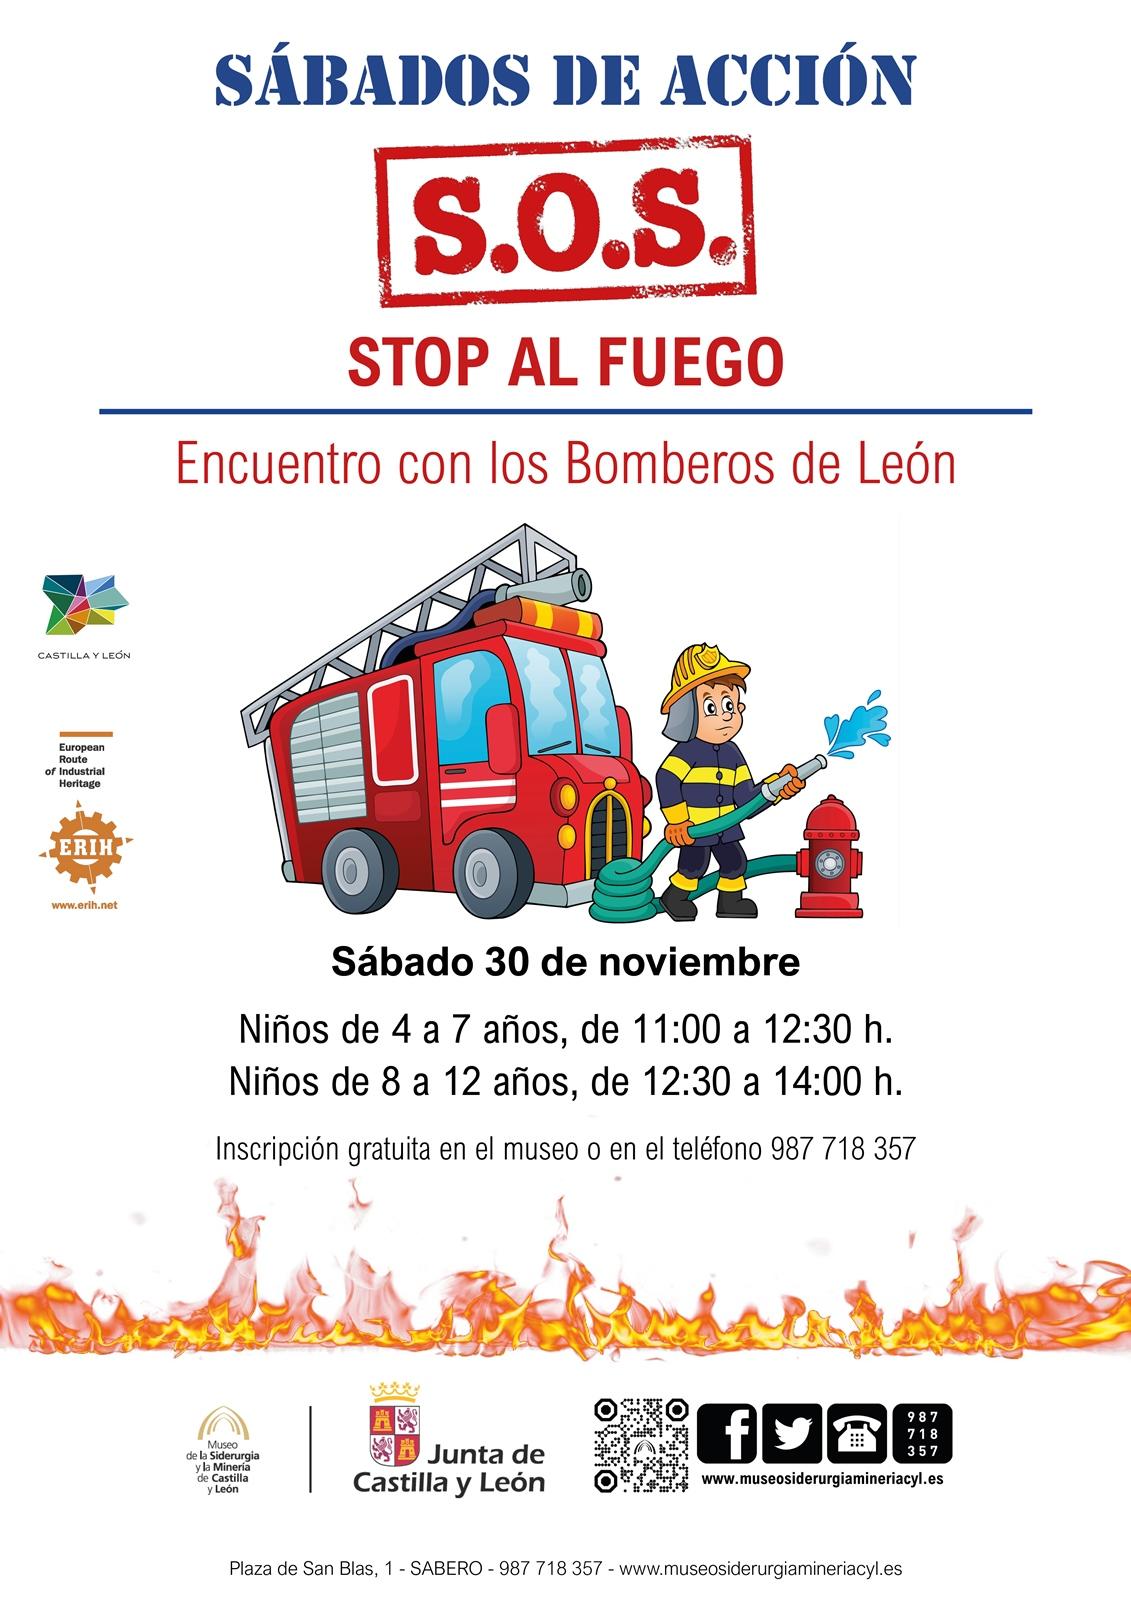 SÁBADOS DE ACCIÓN. ¡¡S.O.S.!! - STOP AL FUEGO. ENCUENTRO CON LOS BOMBEROS DE LEÓN.